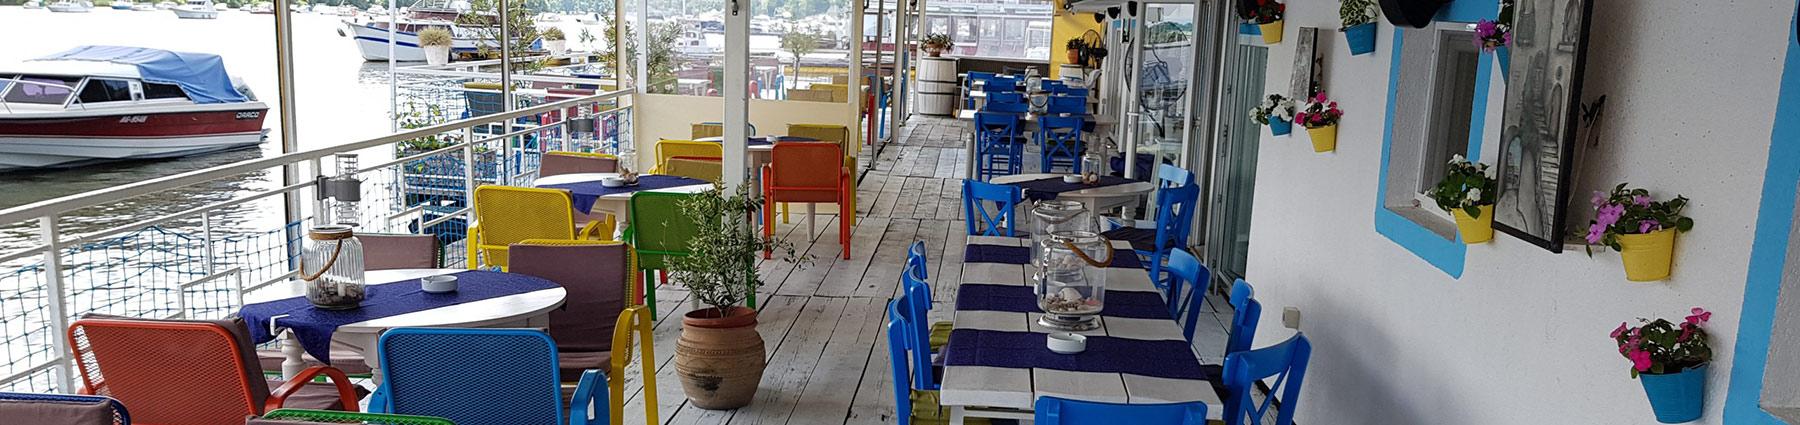 Restaurant New Marinero